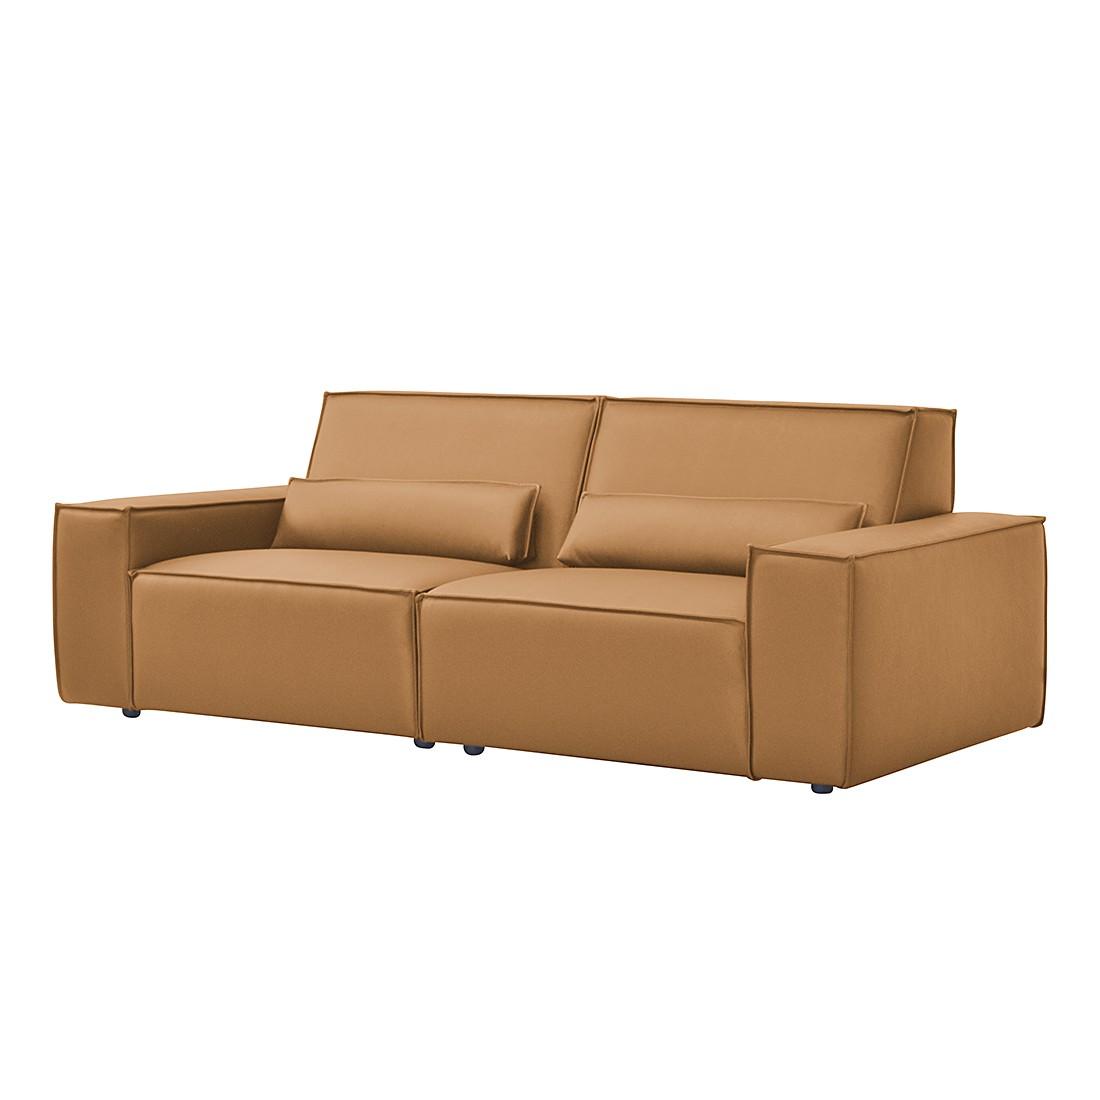 sofa juillet 3 sitzer kunstleder cognac roomscape. Black Bedroom Furniture Sets. Home Design Ideas